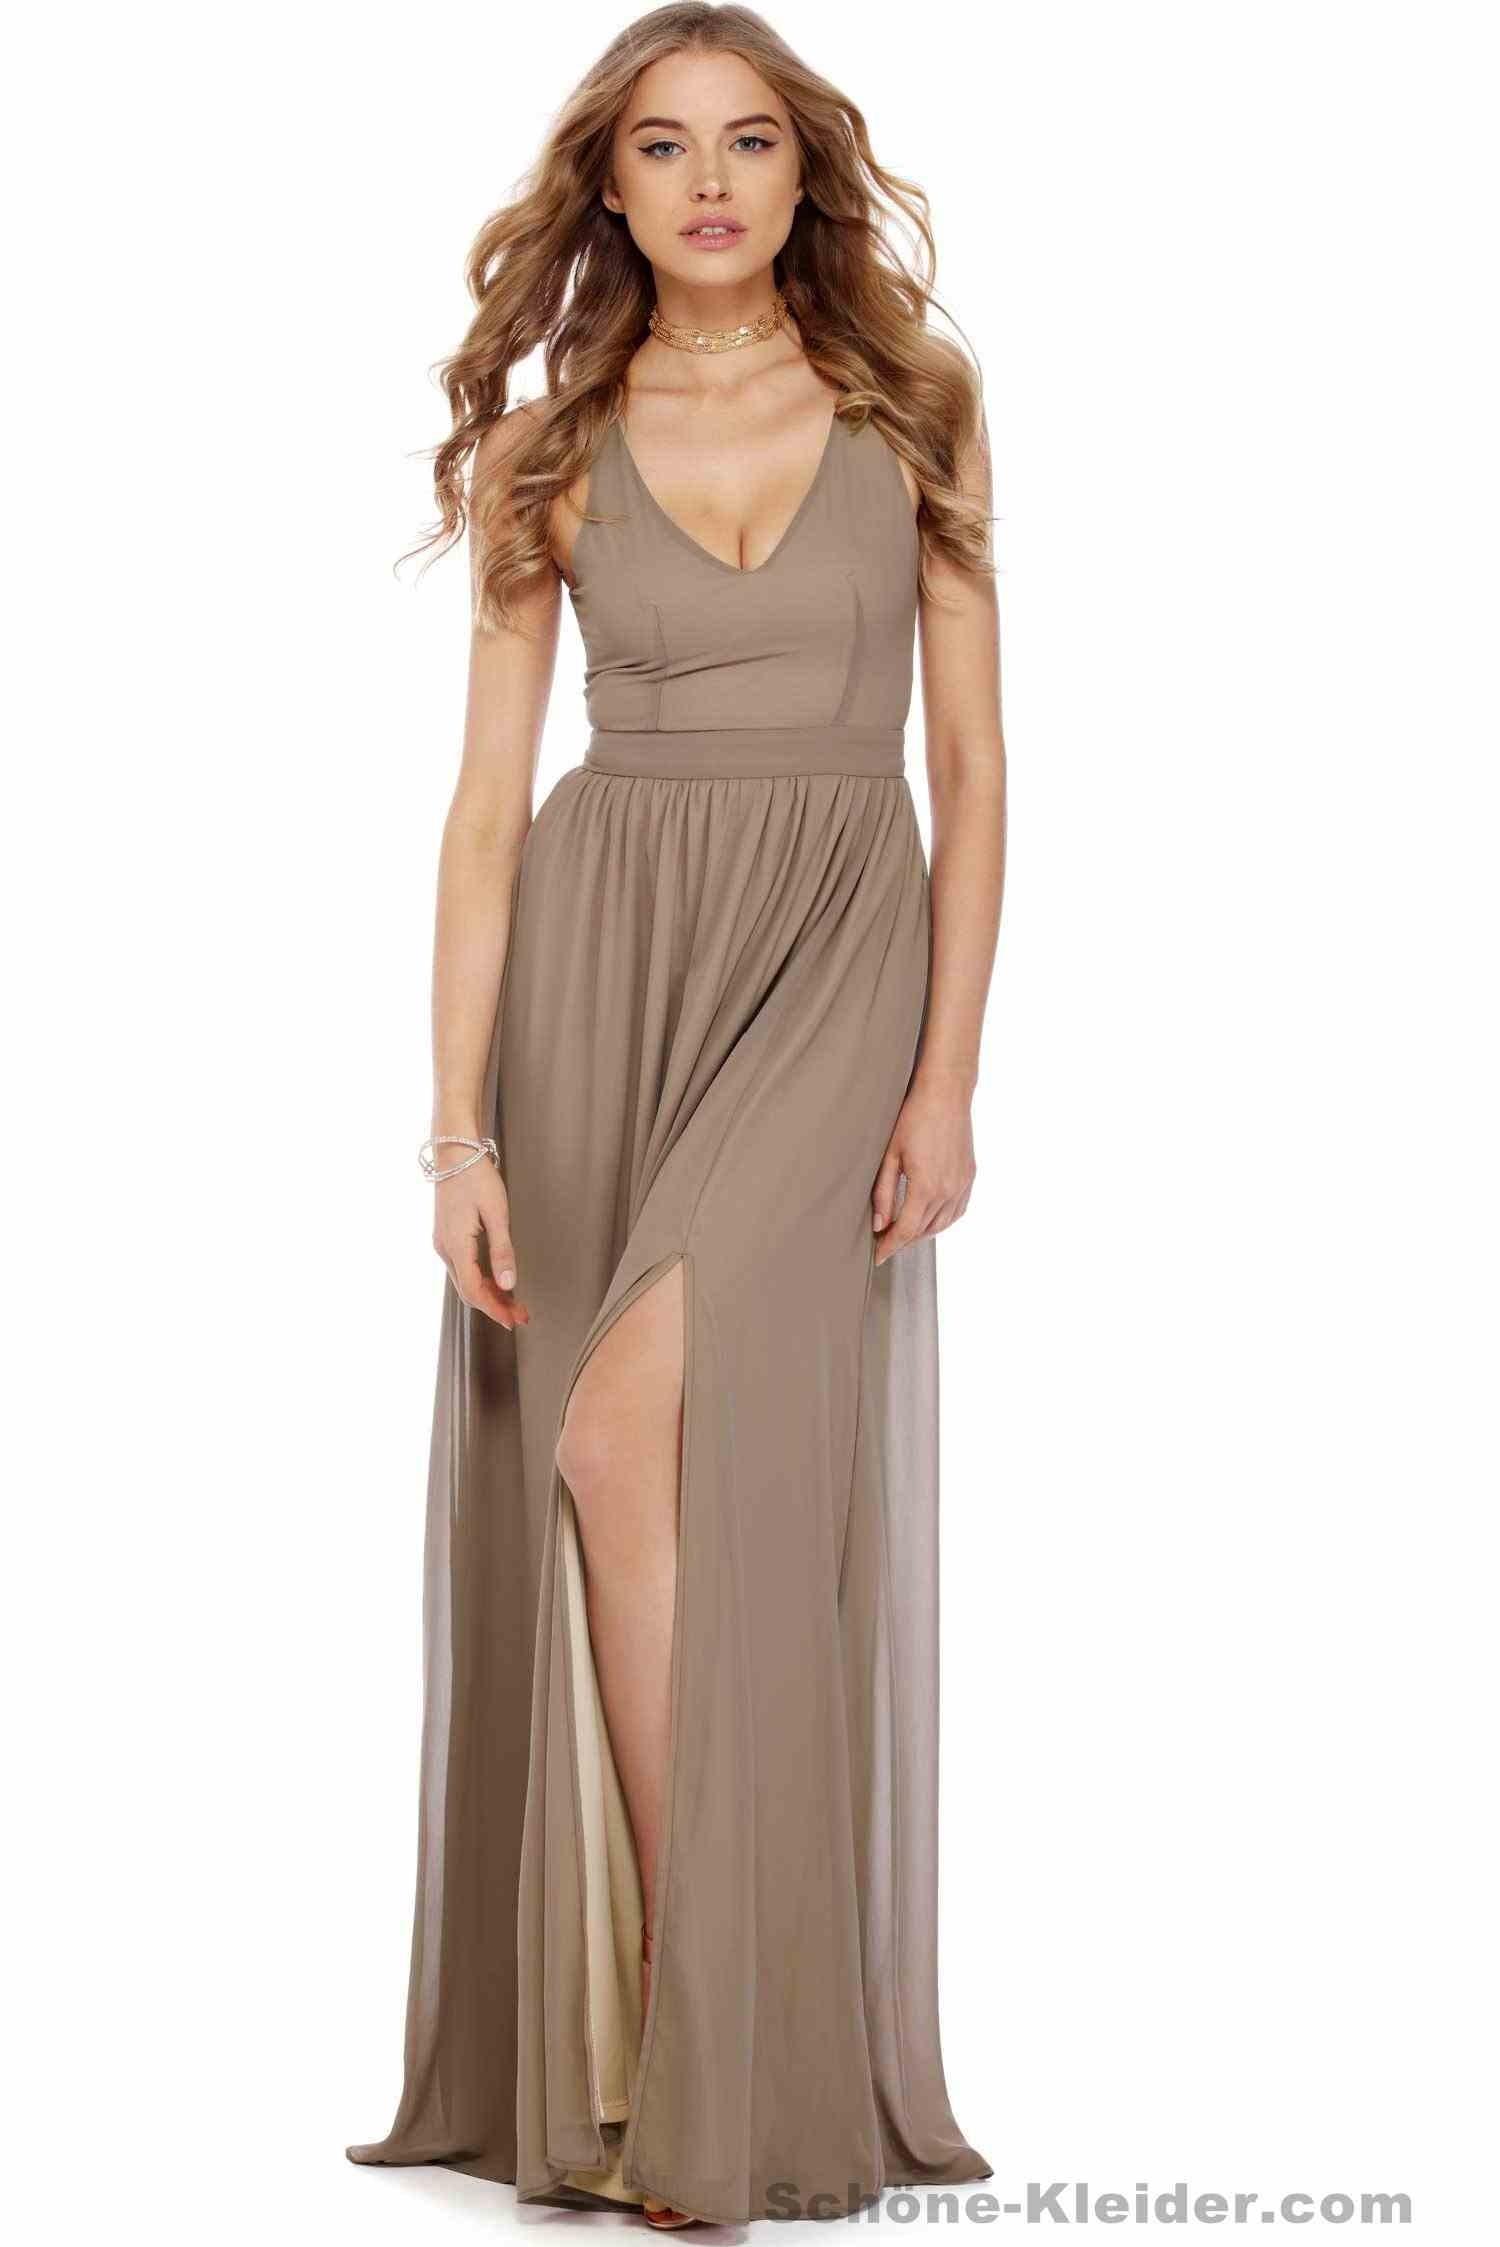 17 Kreativ Schicke Lange Kleider Design20 Luxus Schicke Lange Kleider Bester Preis